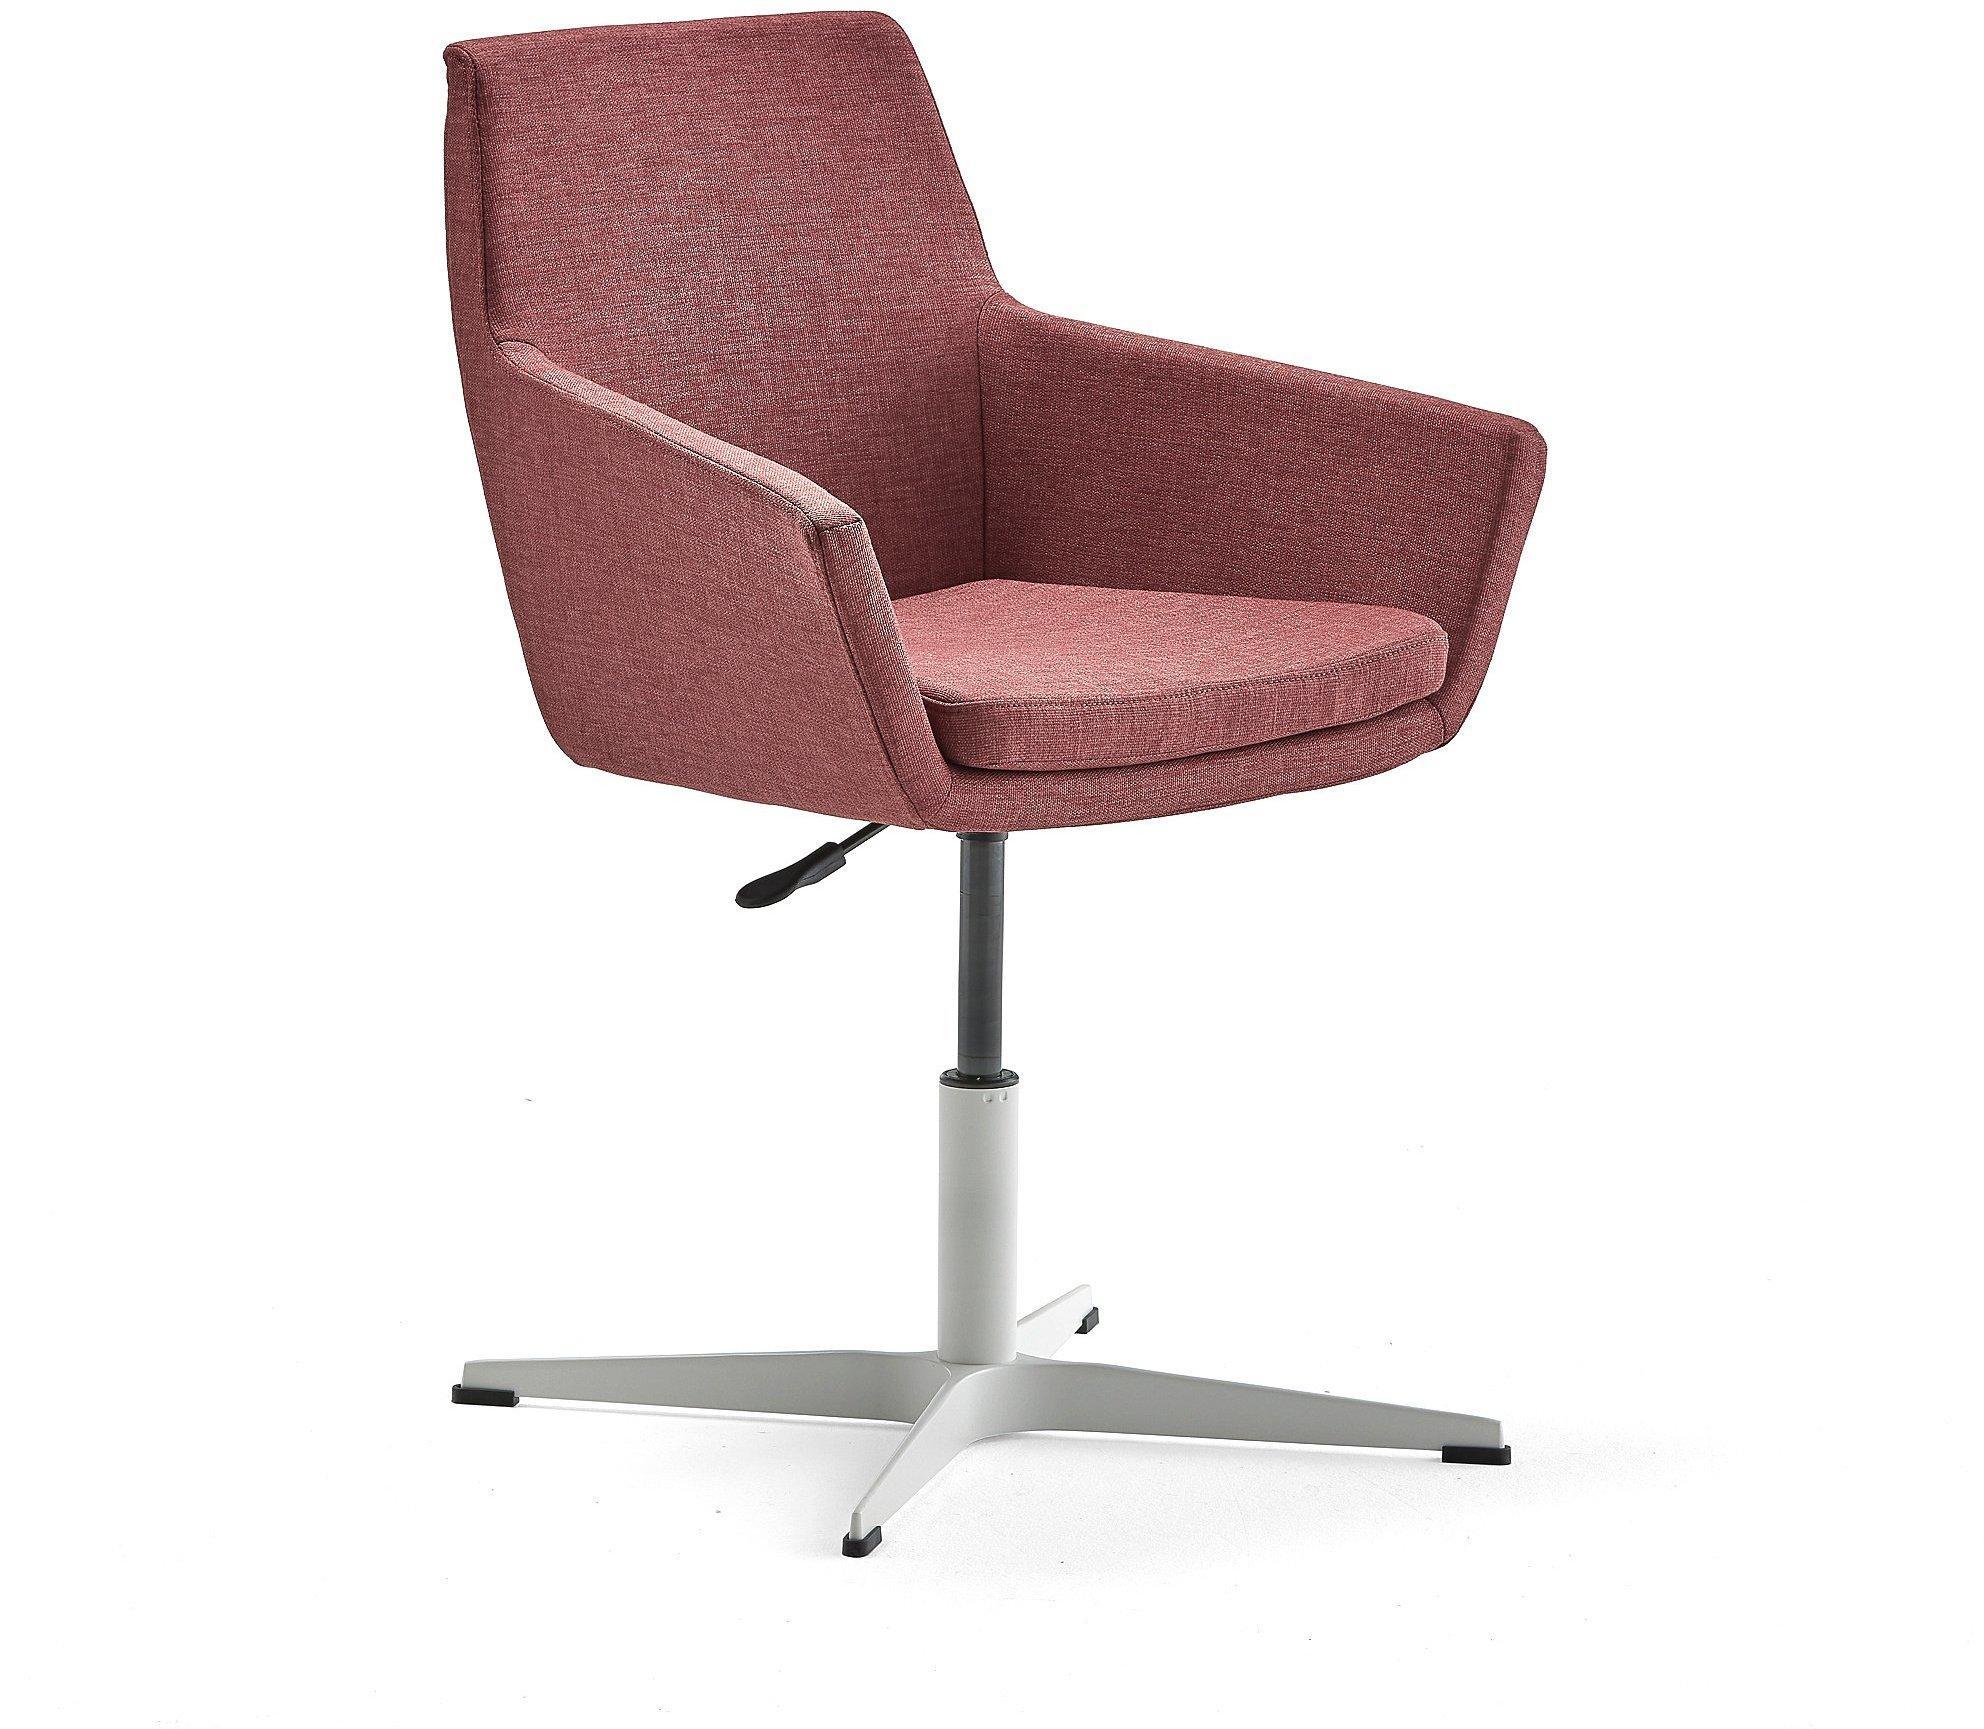 Konferenčná stolička Fairfield, biela, slivková